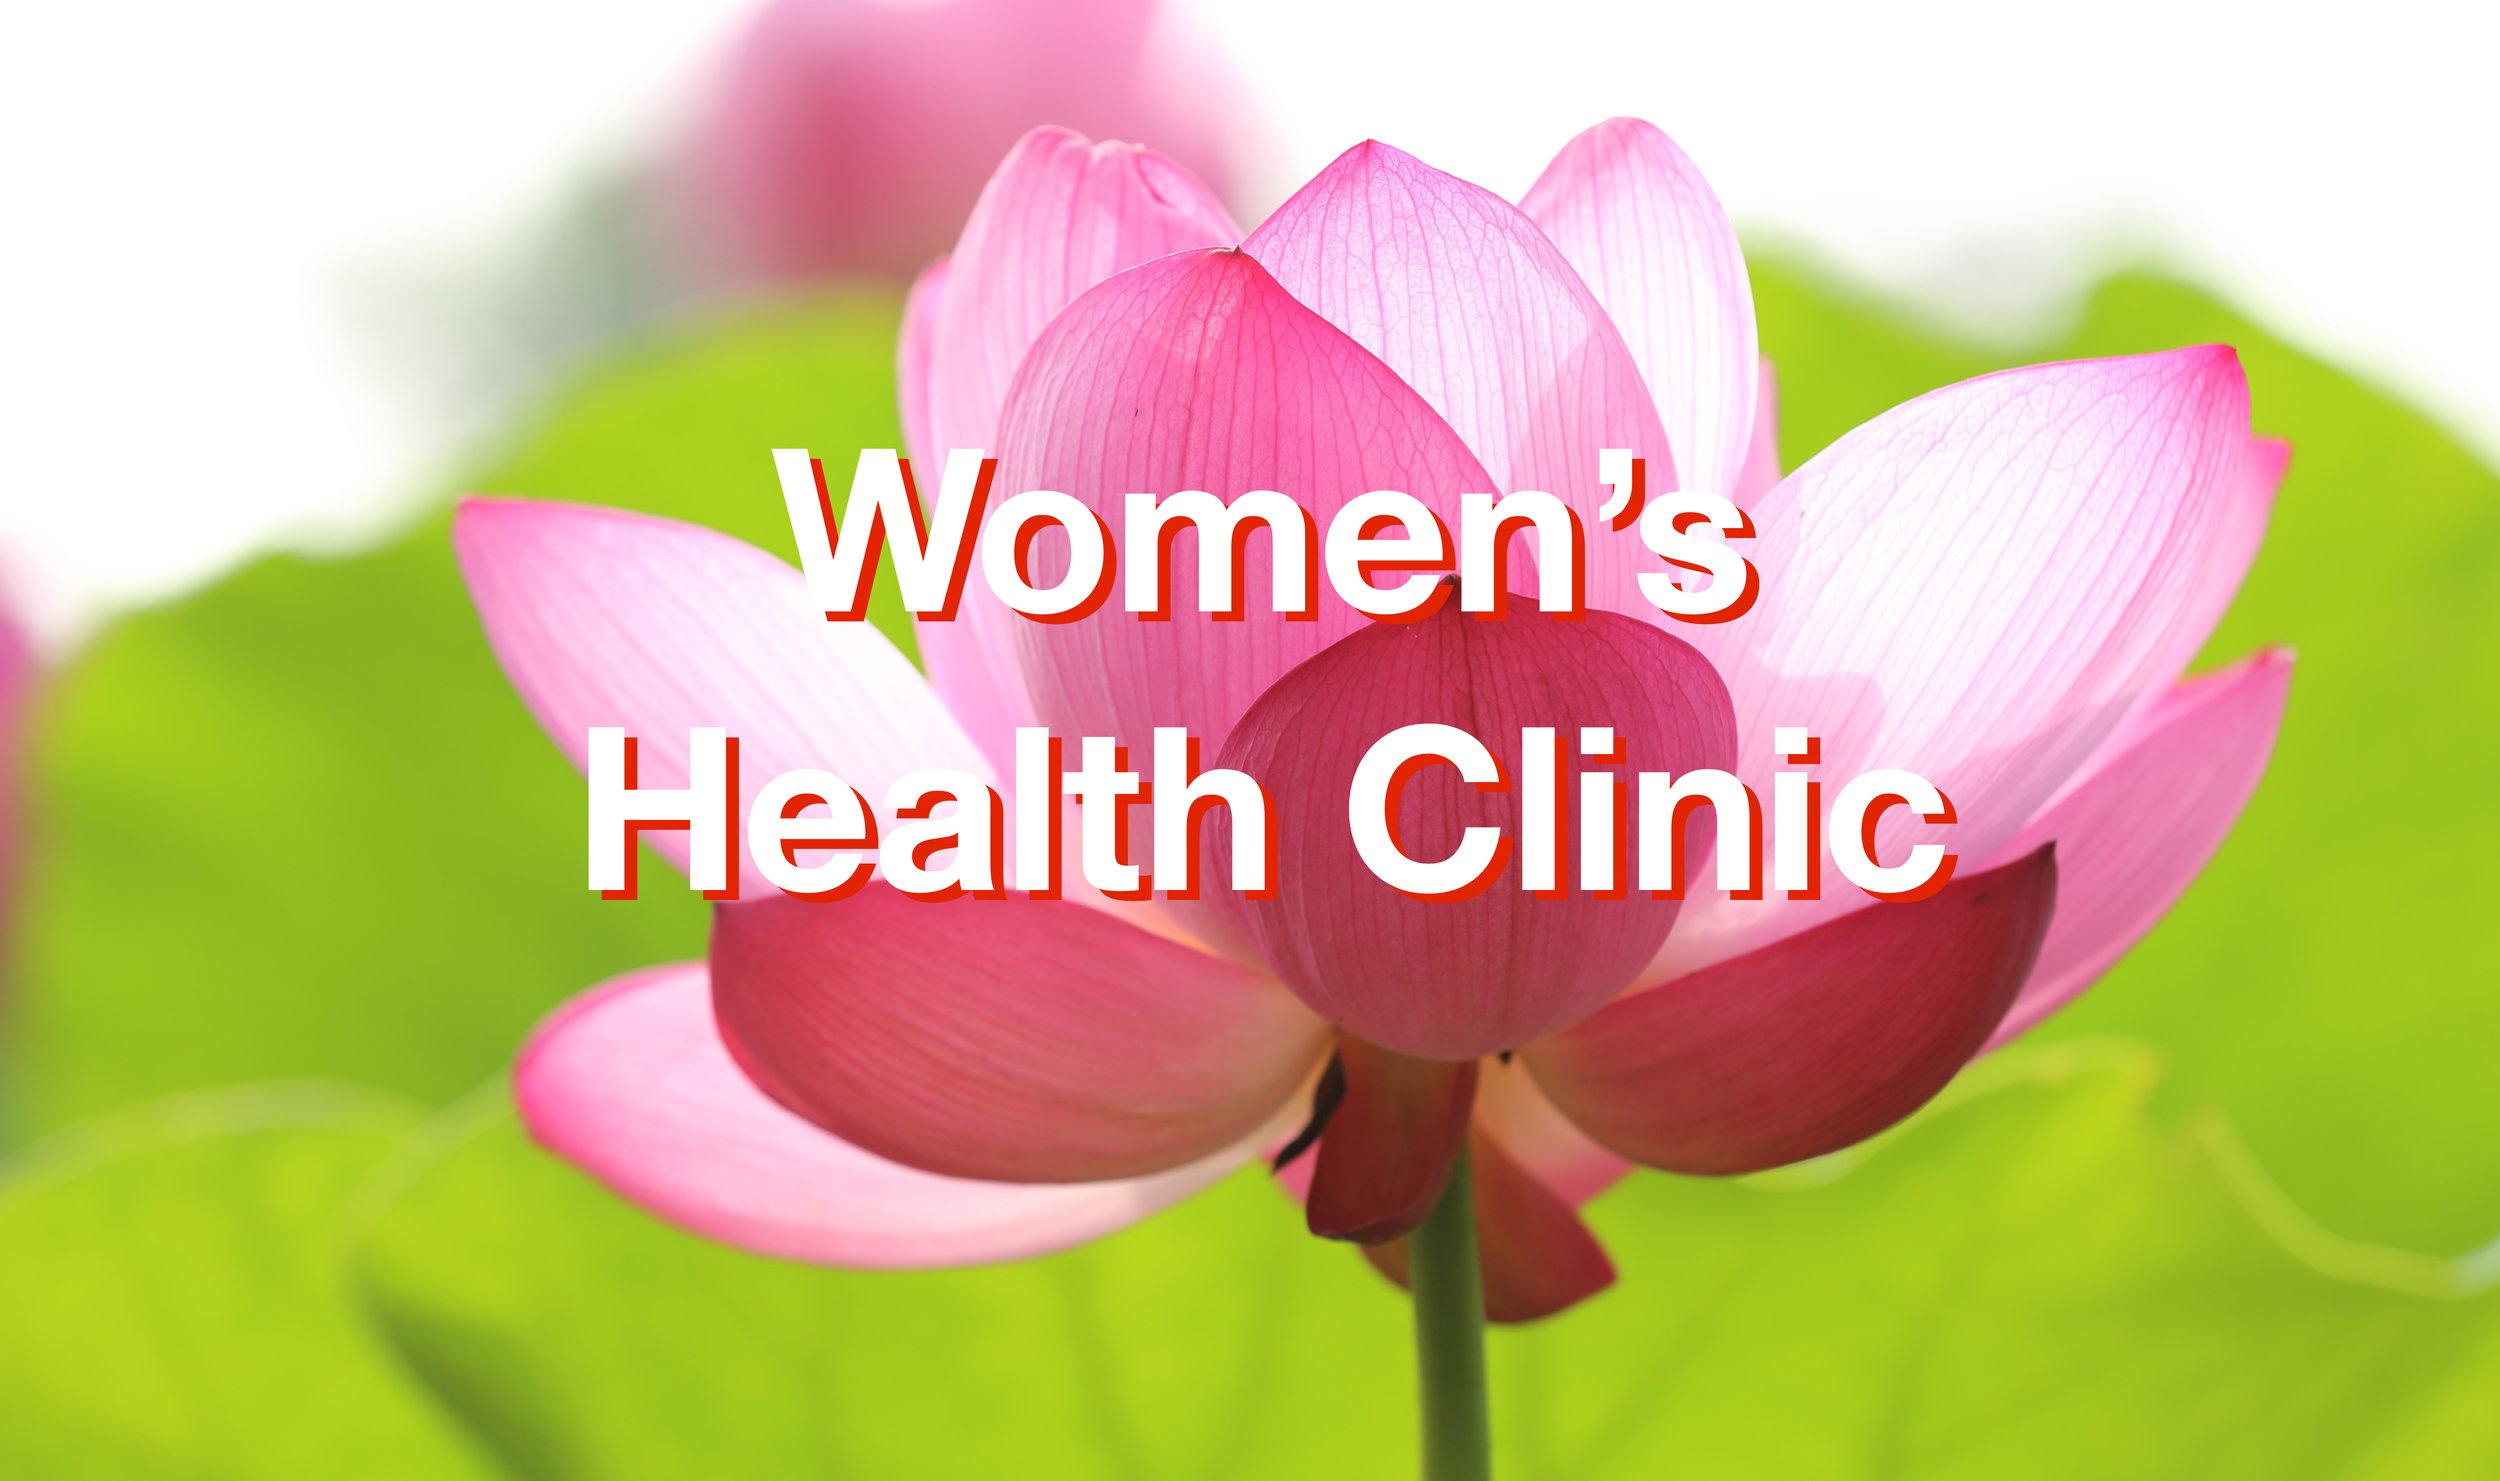 womens health clinic.jpg